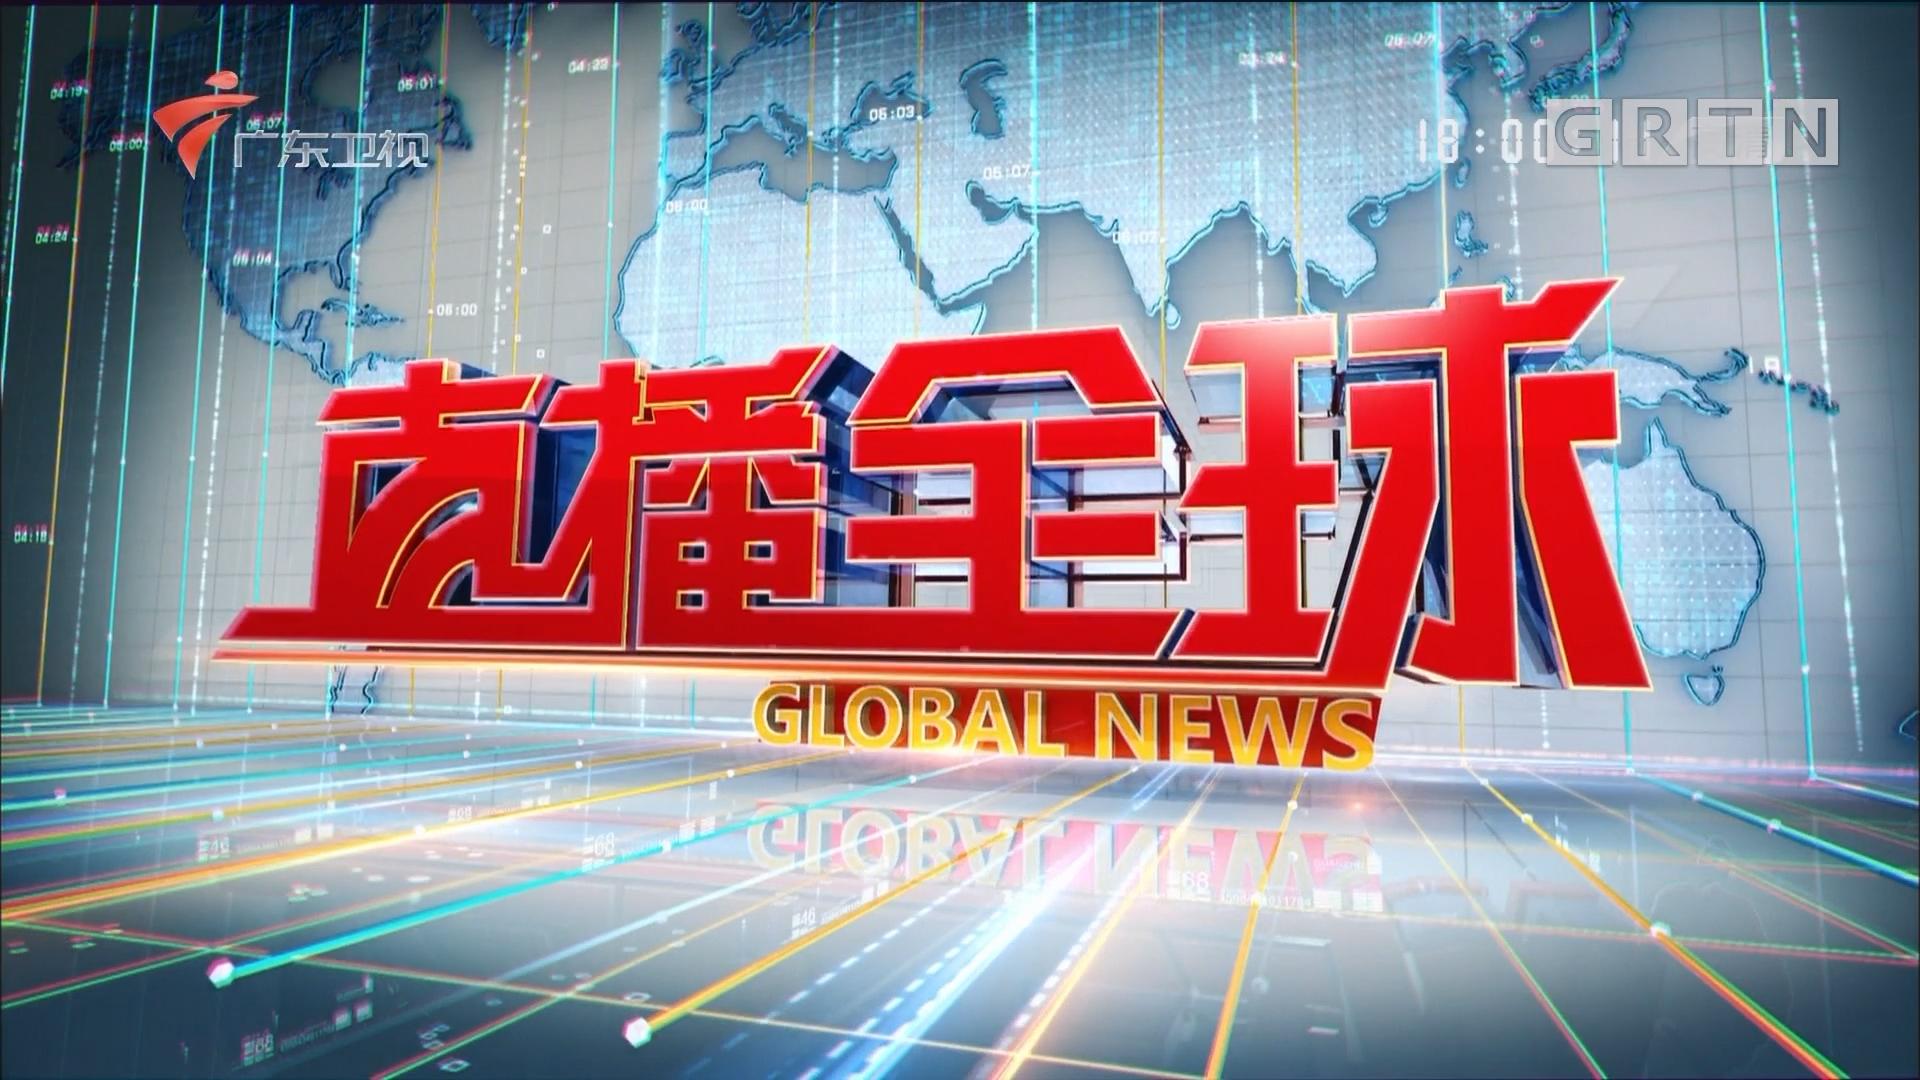 [HD][2018-01-04]直播全球:中央军委举行2018年开训动员大会:中央军委首次统一组织全军开训动员